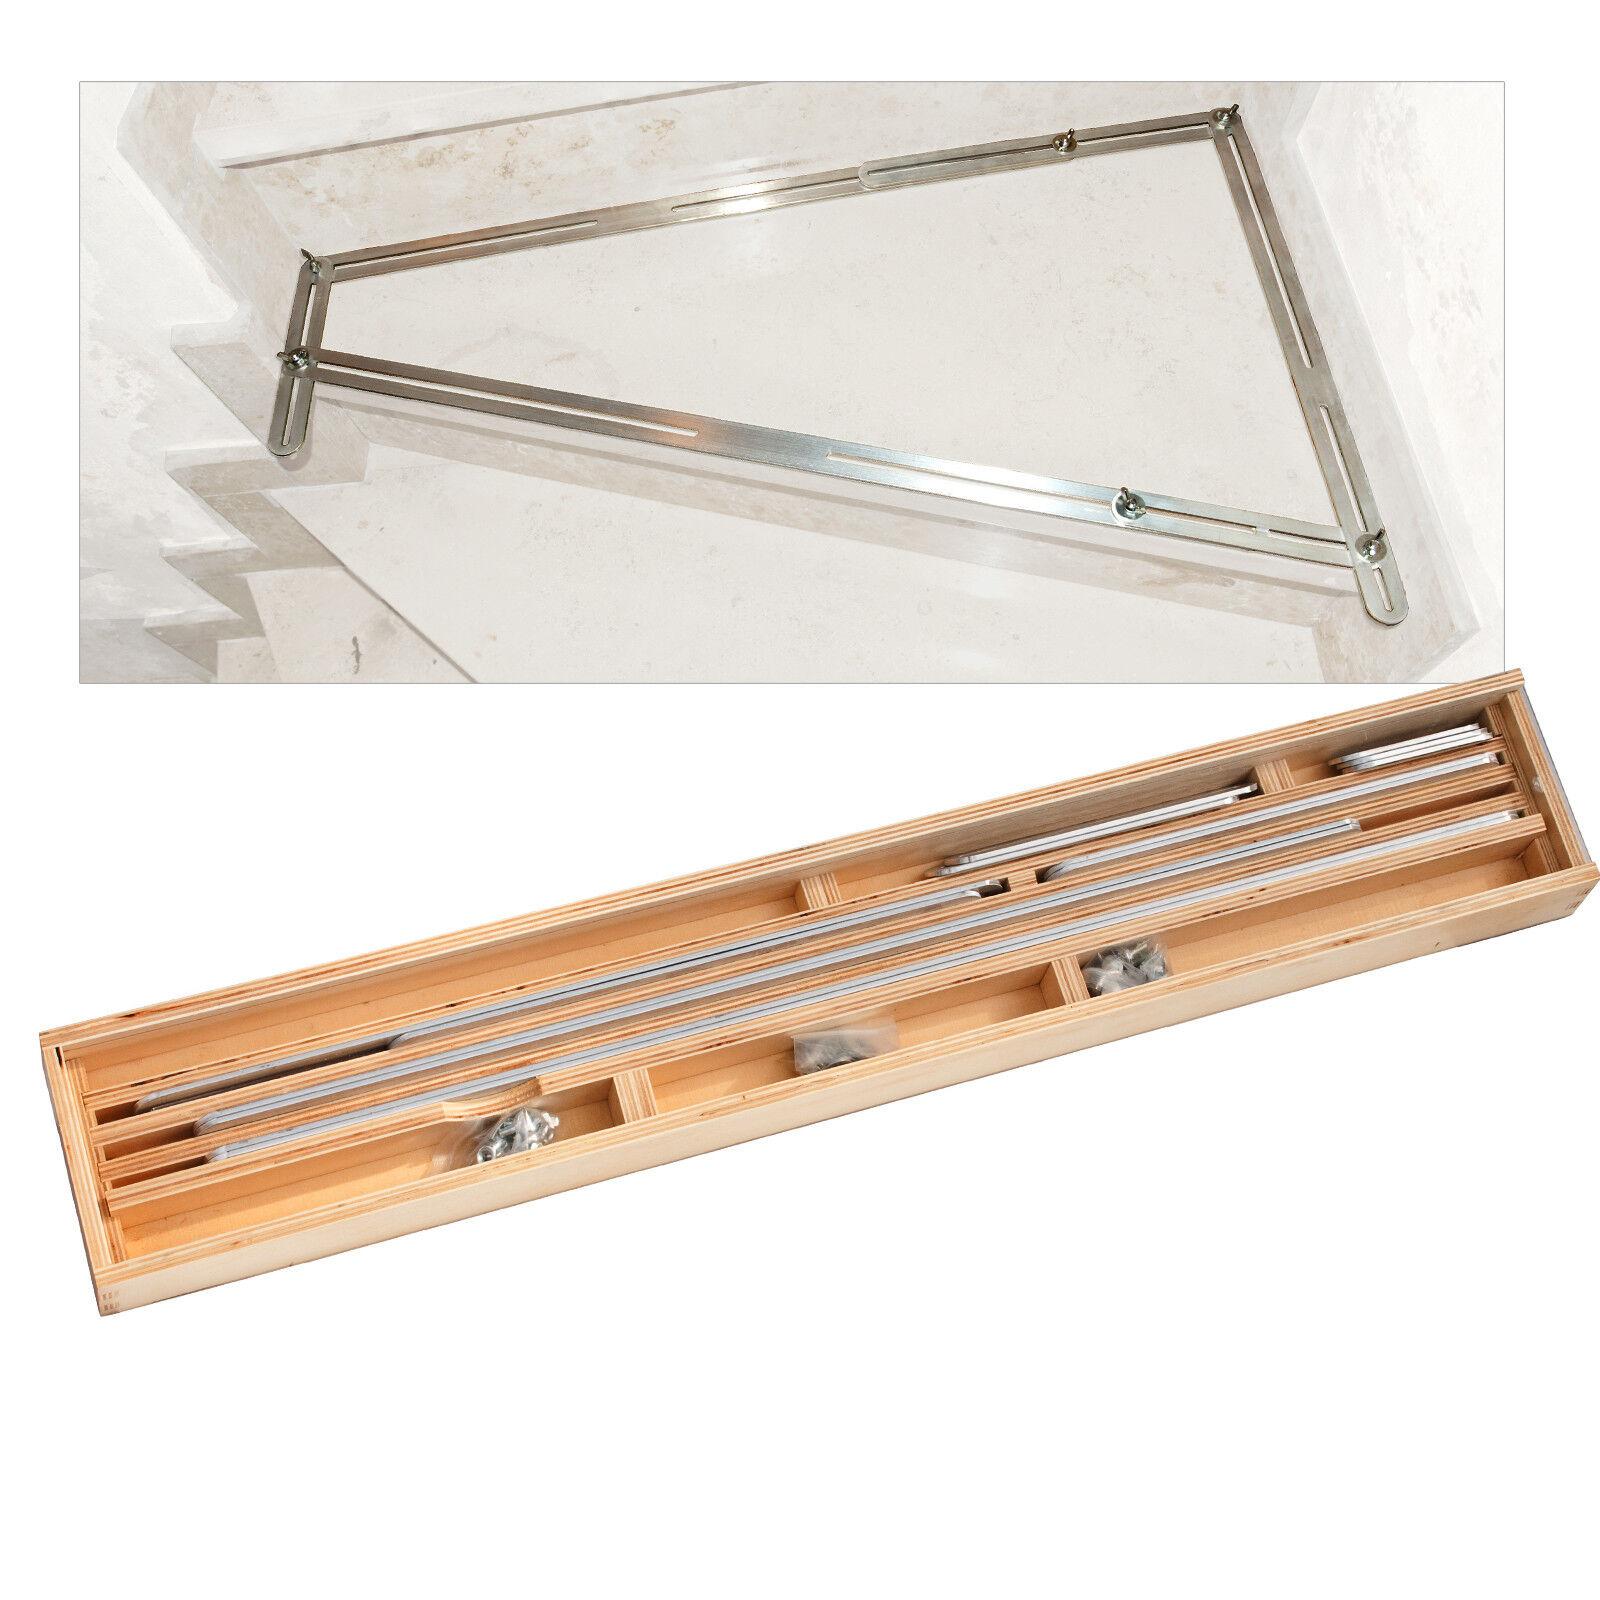 BAUTEC Winkelschablone PB61-64 / Treppen-Schablone / Treppenlehre im Holzkoffer